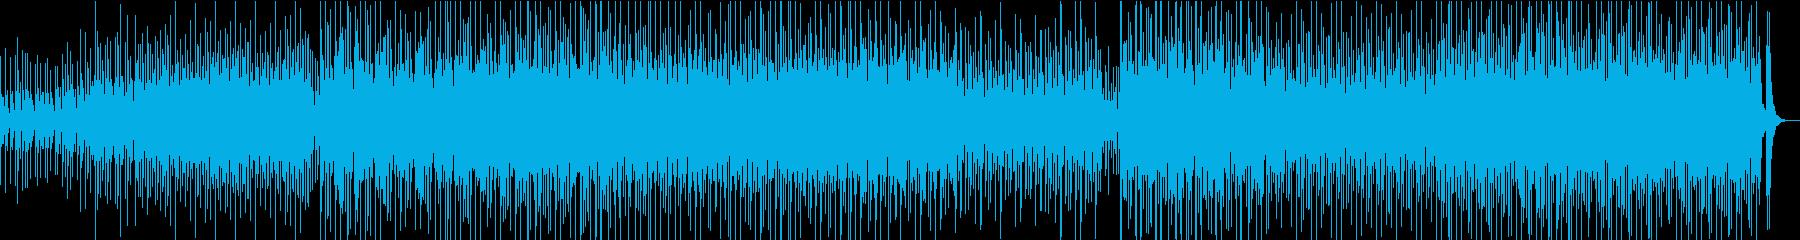 荒々しい三味線と和太鼓の再生済みの波形